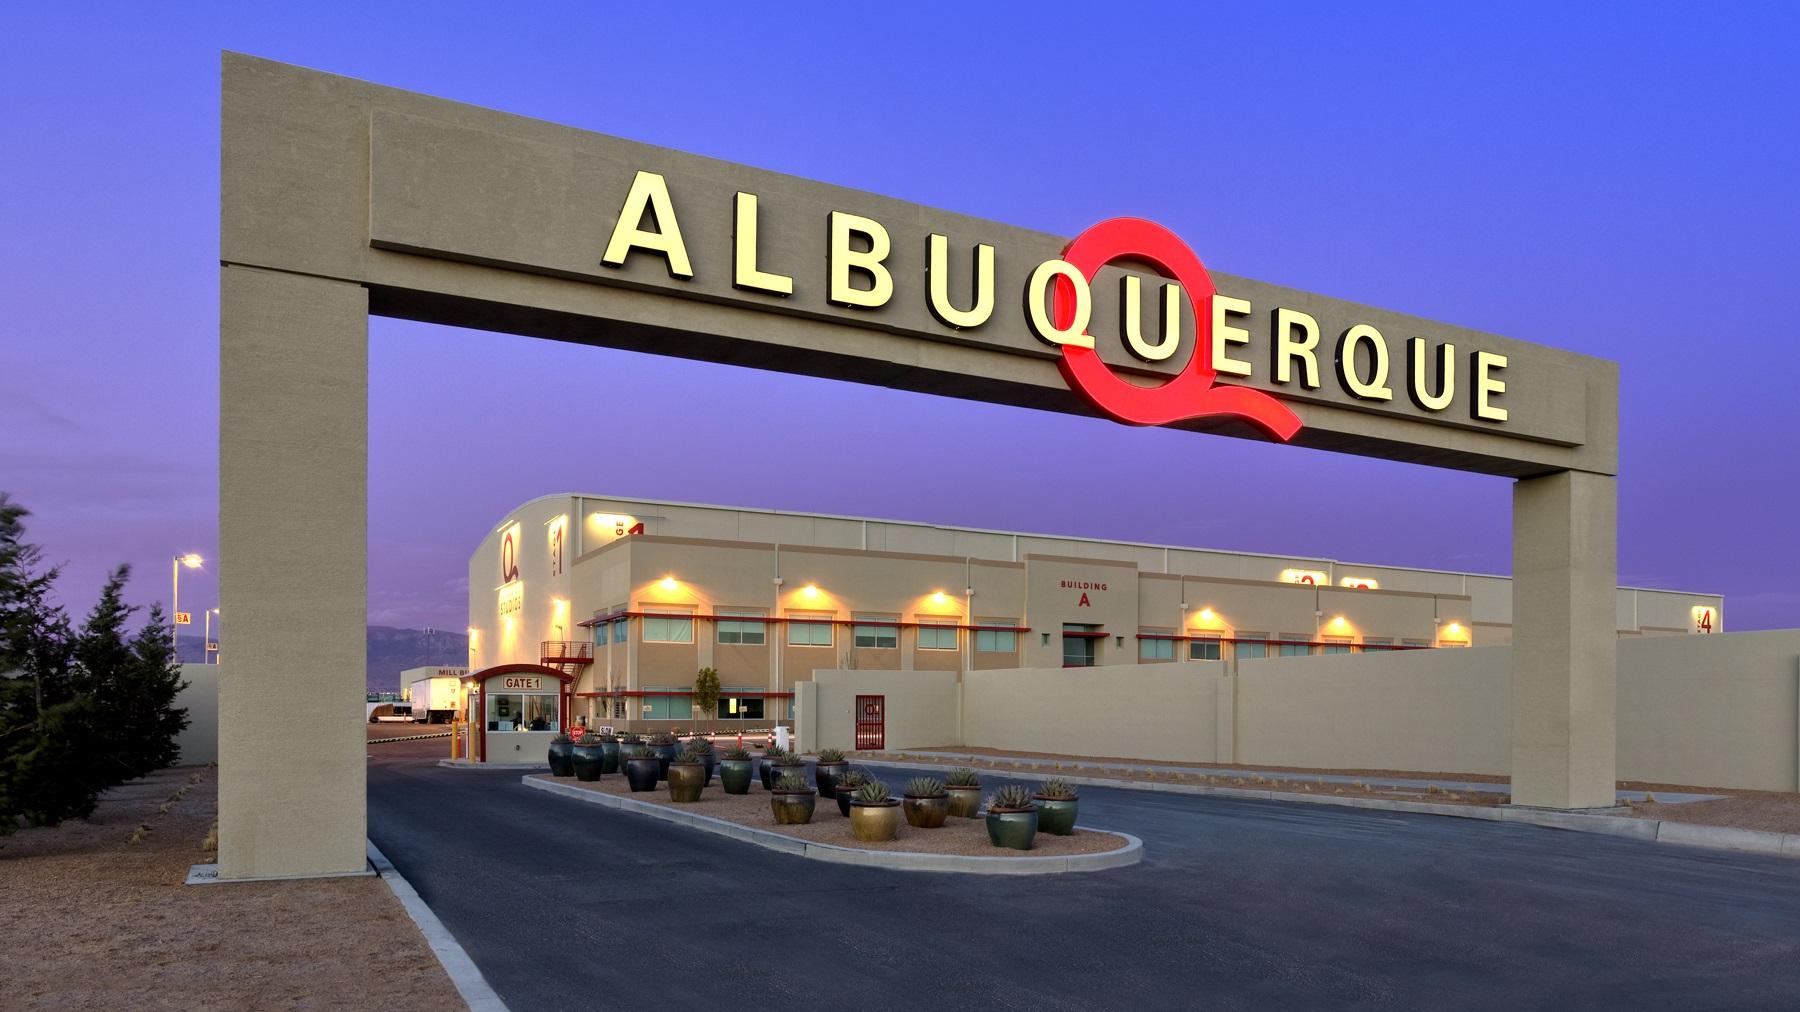 Ciudades del mundo (A a la Z) - Página 6 Albuquerque-abq-studios-tondreau-studio-gate2